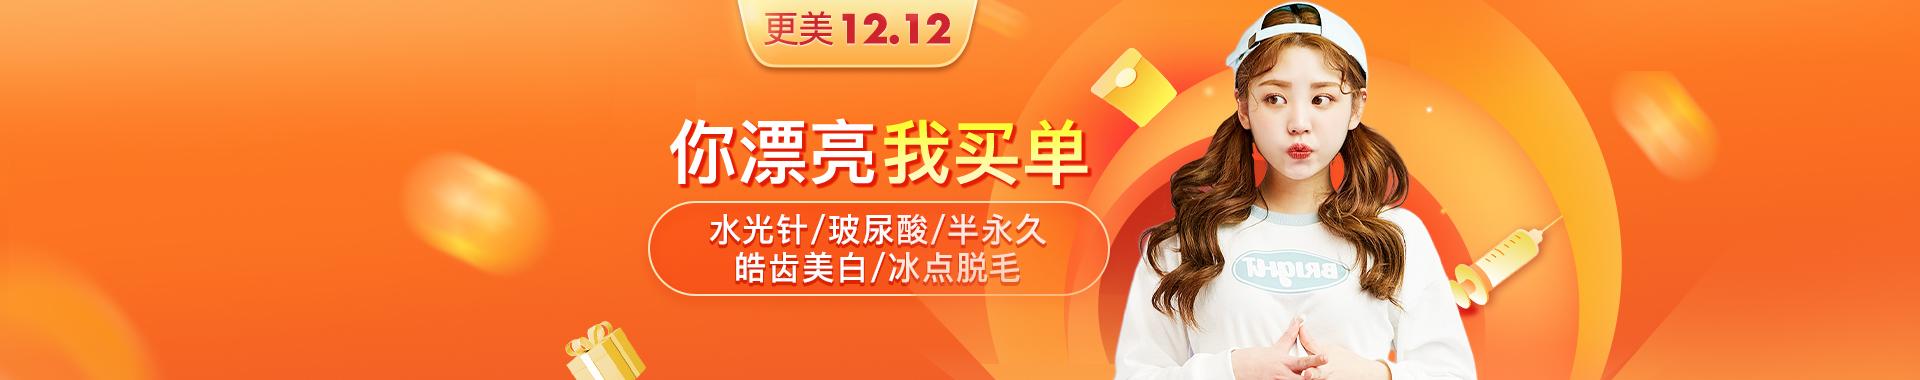 霸王餐pc banner